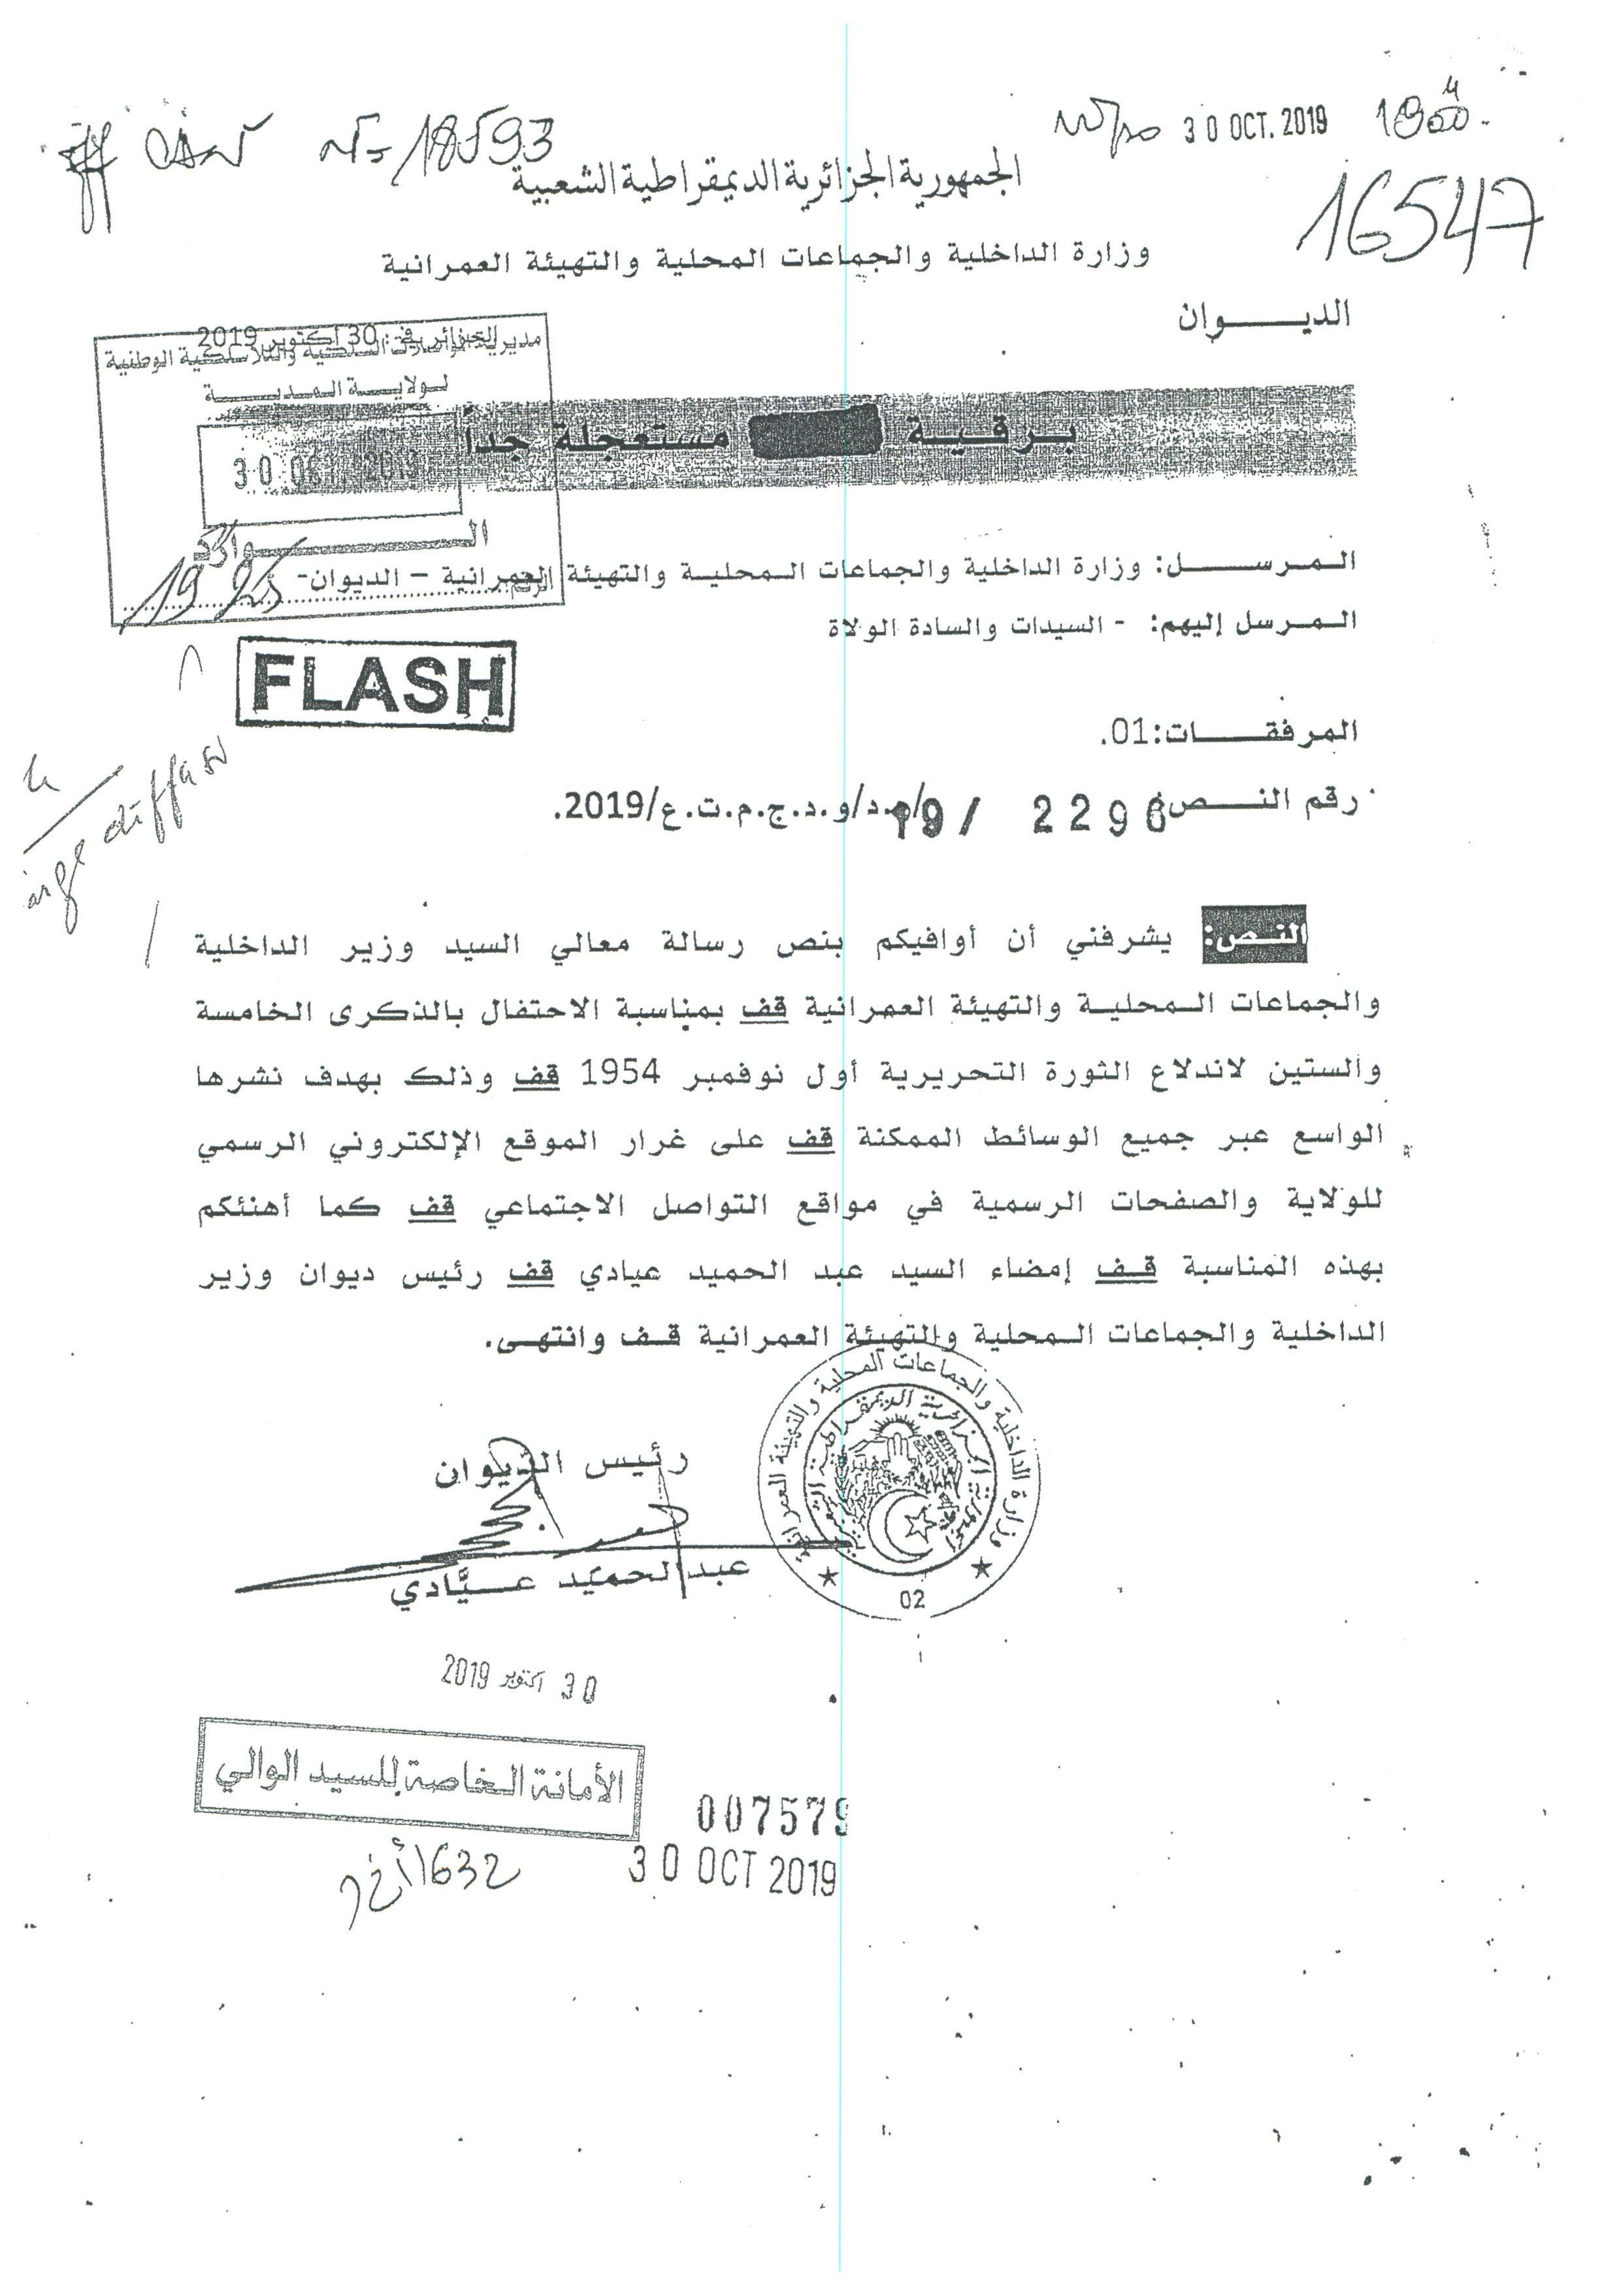 رسالة معالي وزير الداخلية و الجماعات المحلية بمناسبة الاحتفال بالذكرى الخامسة و الستين لاندلاع الثورة التحريرية